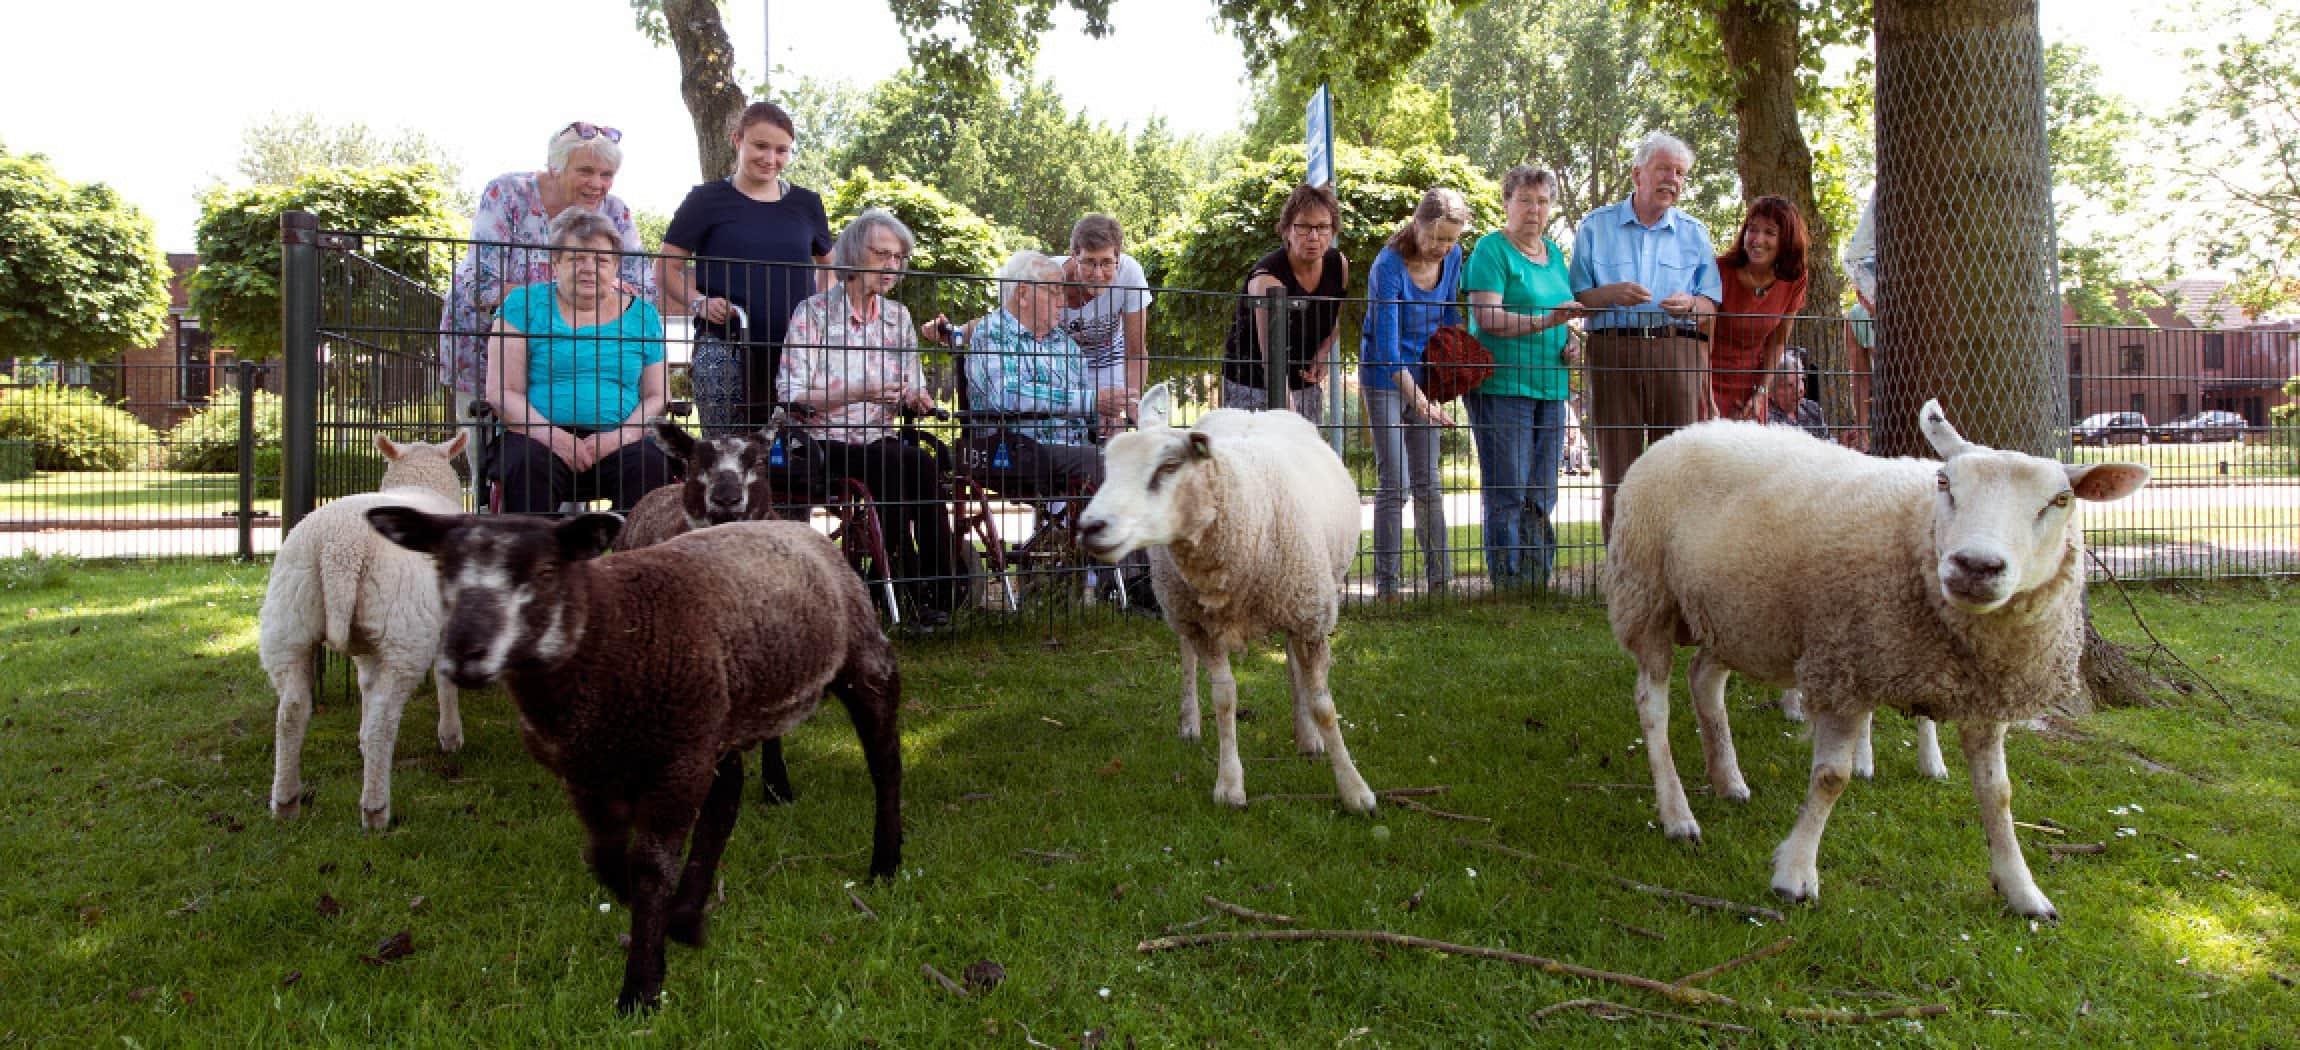 Schapen in een schapenweide met blije oudere mensen achter een laag hekje